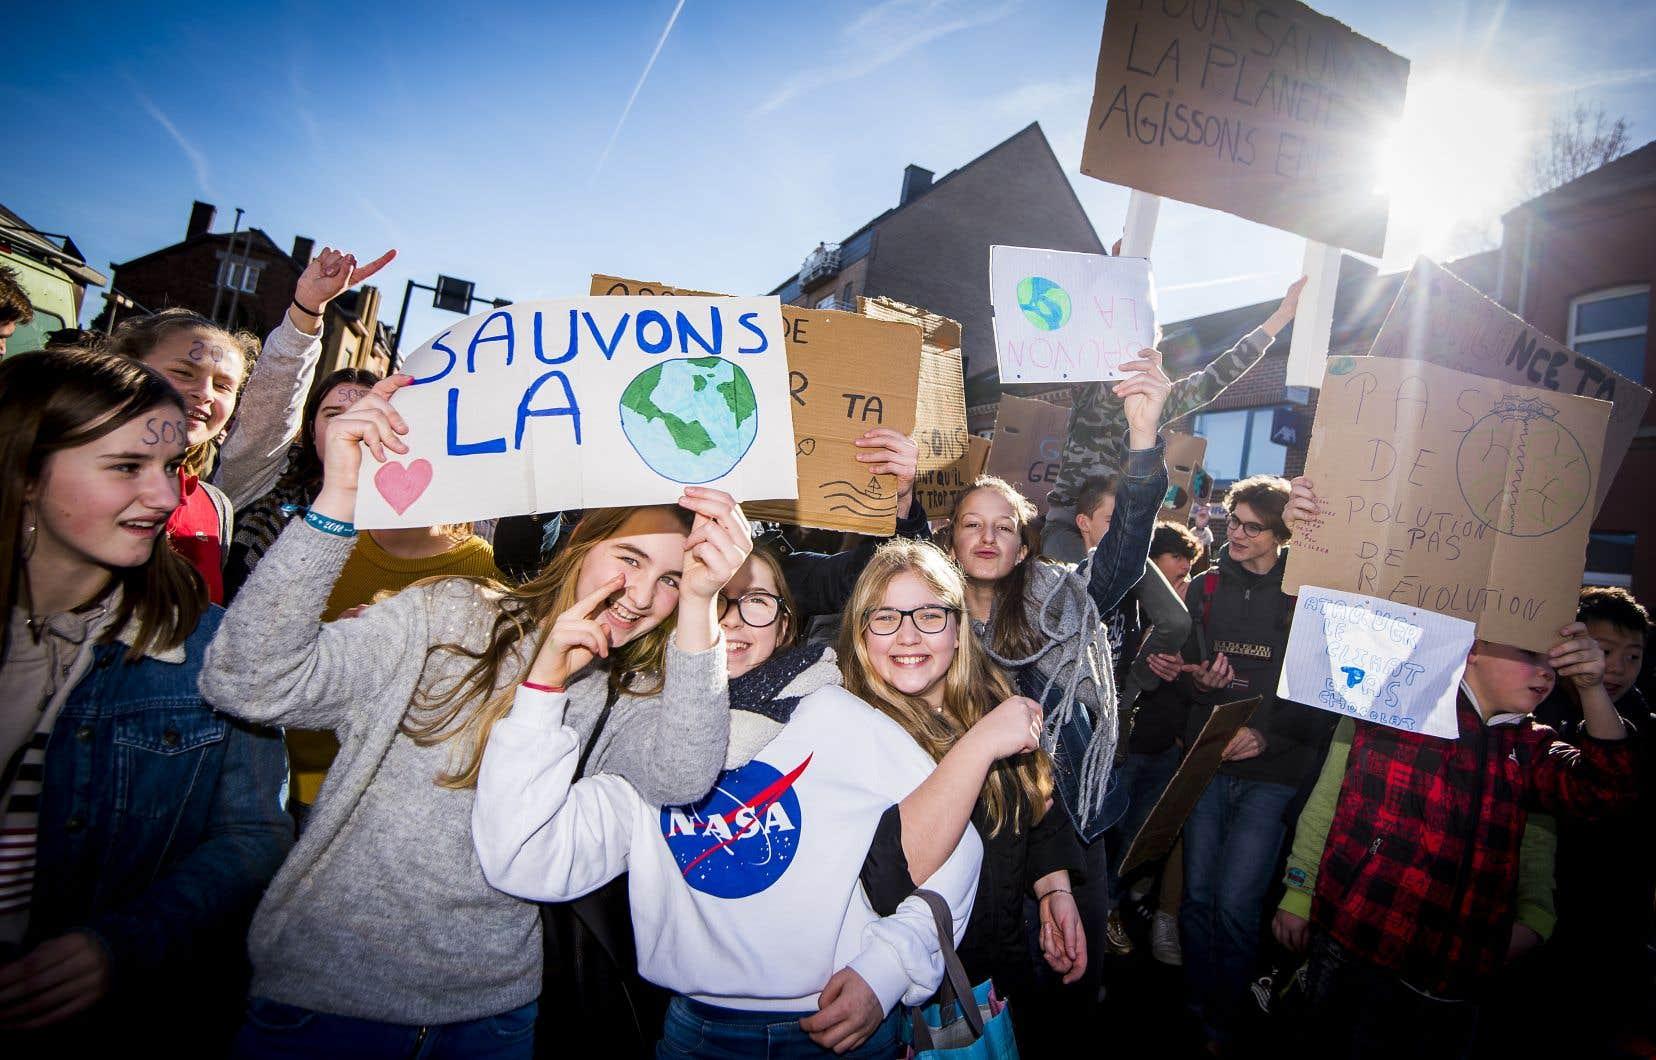 Le mouvement de grève pour le climat qui atteint Montréal s'est propagé en Europe ces derniers mois.